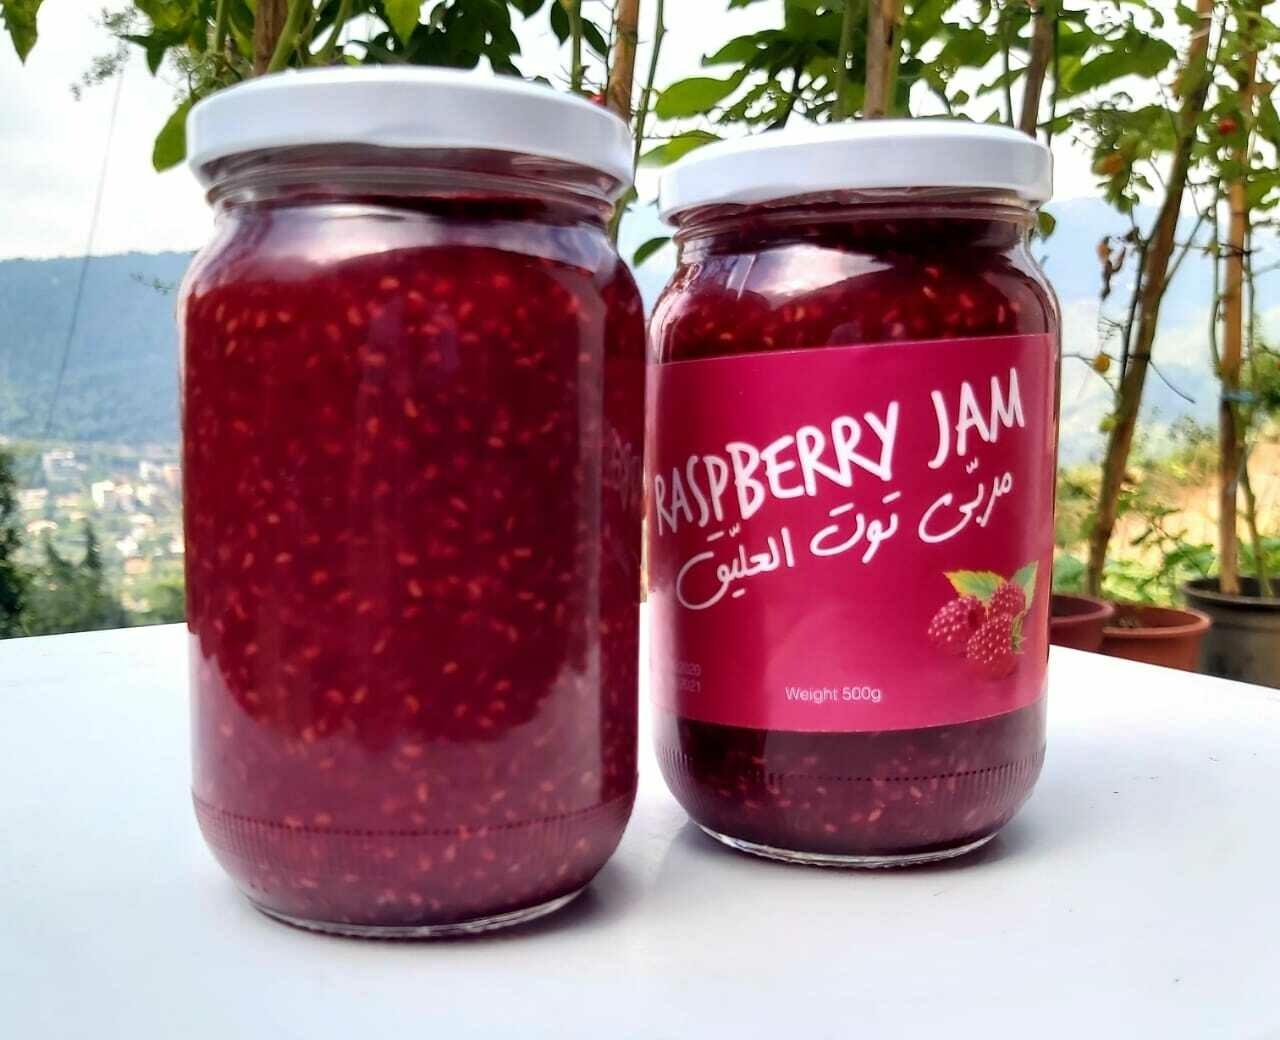 Raspberry Jam مربى توت العليق (Jar) - Les Reserves du Grenier